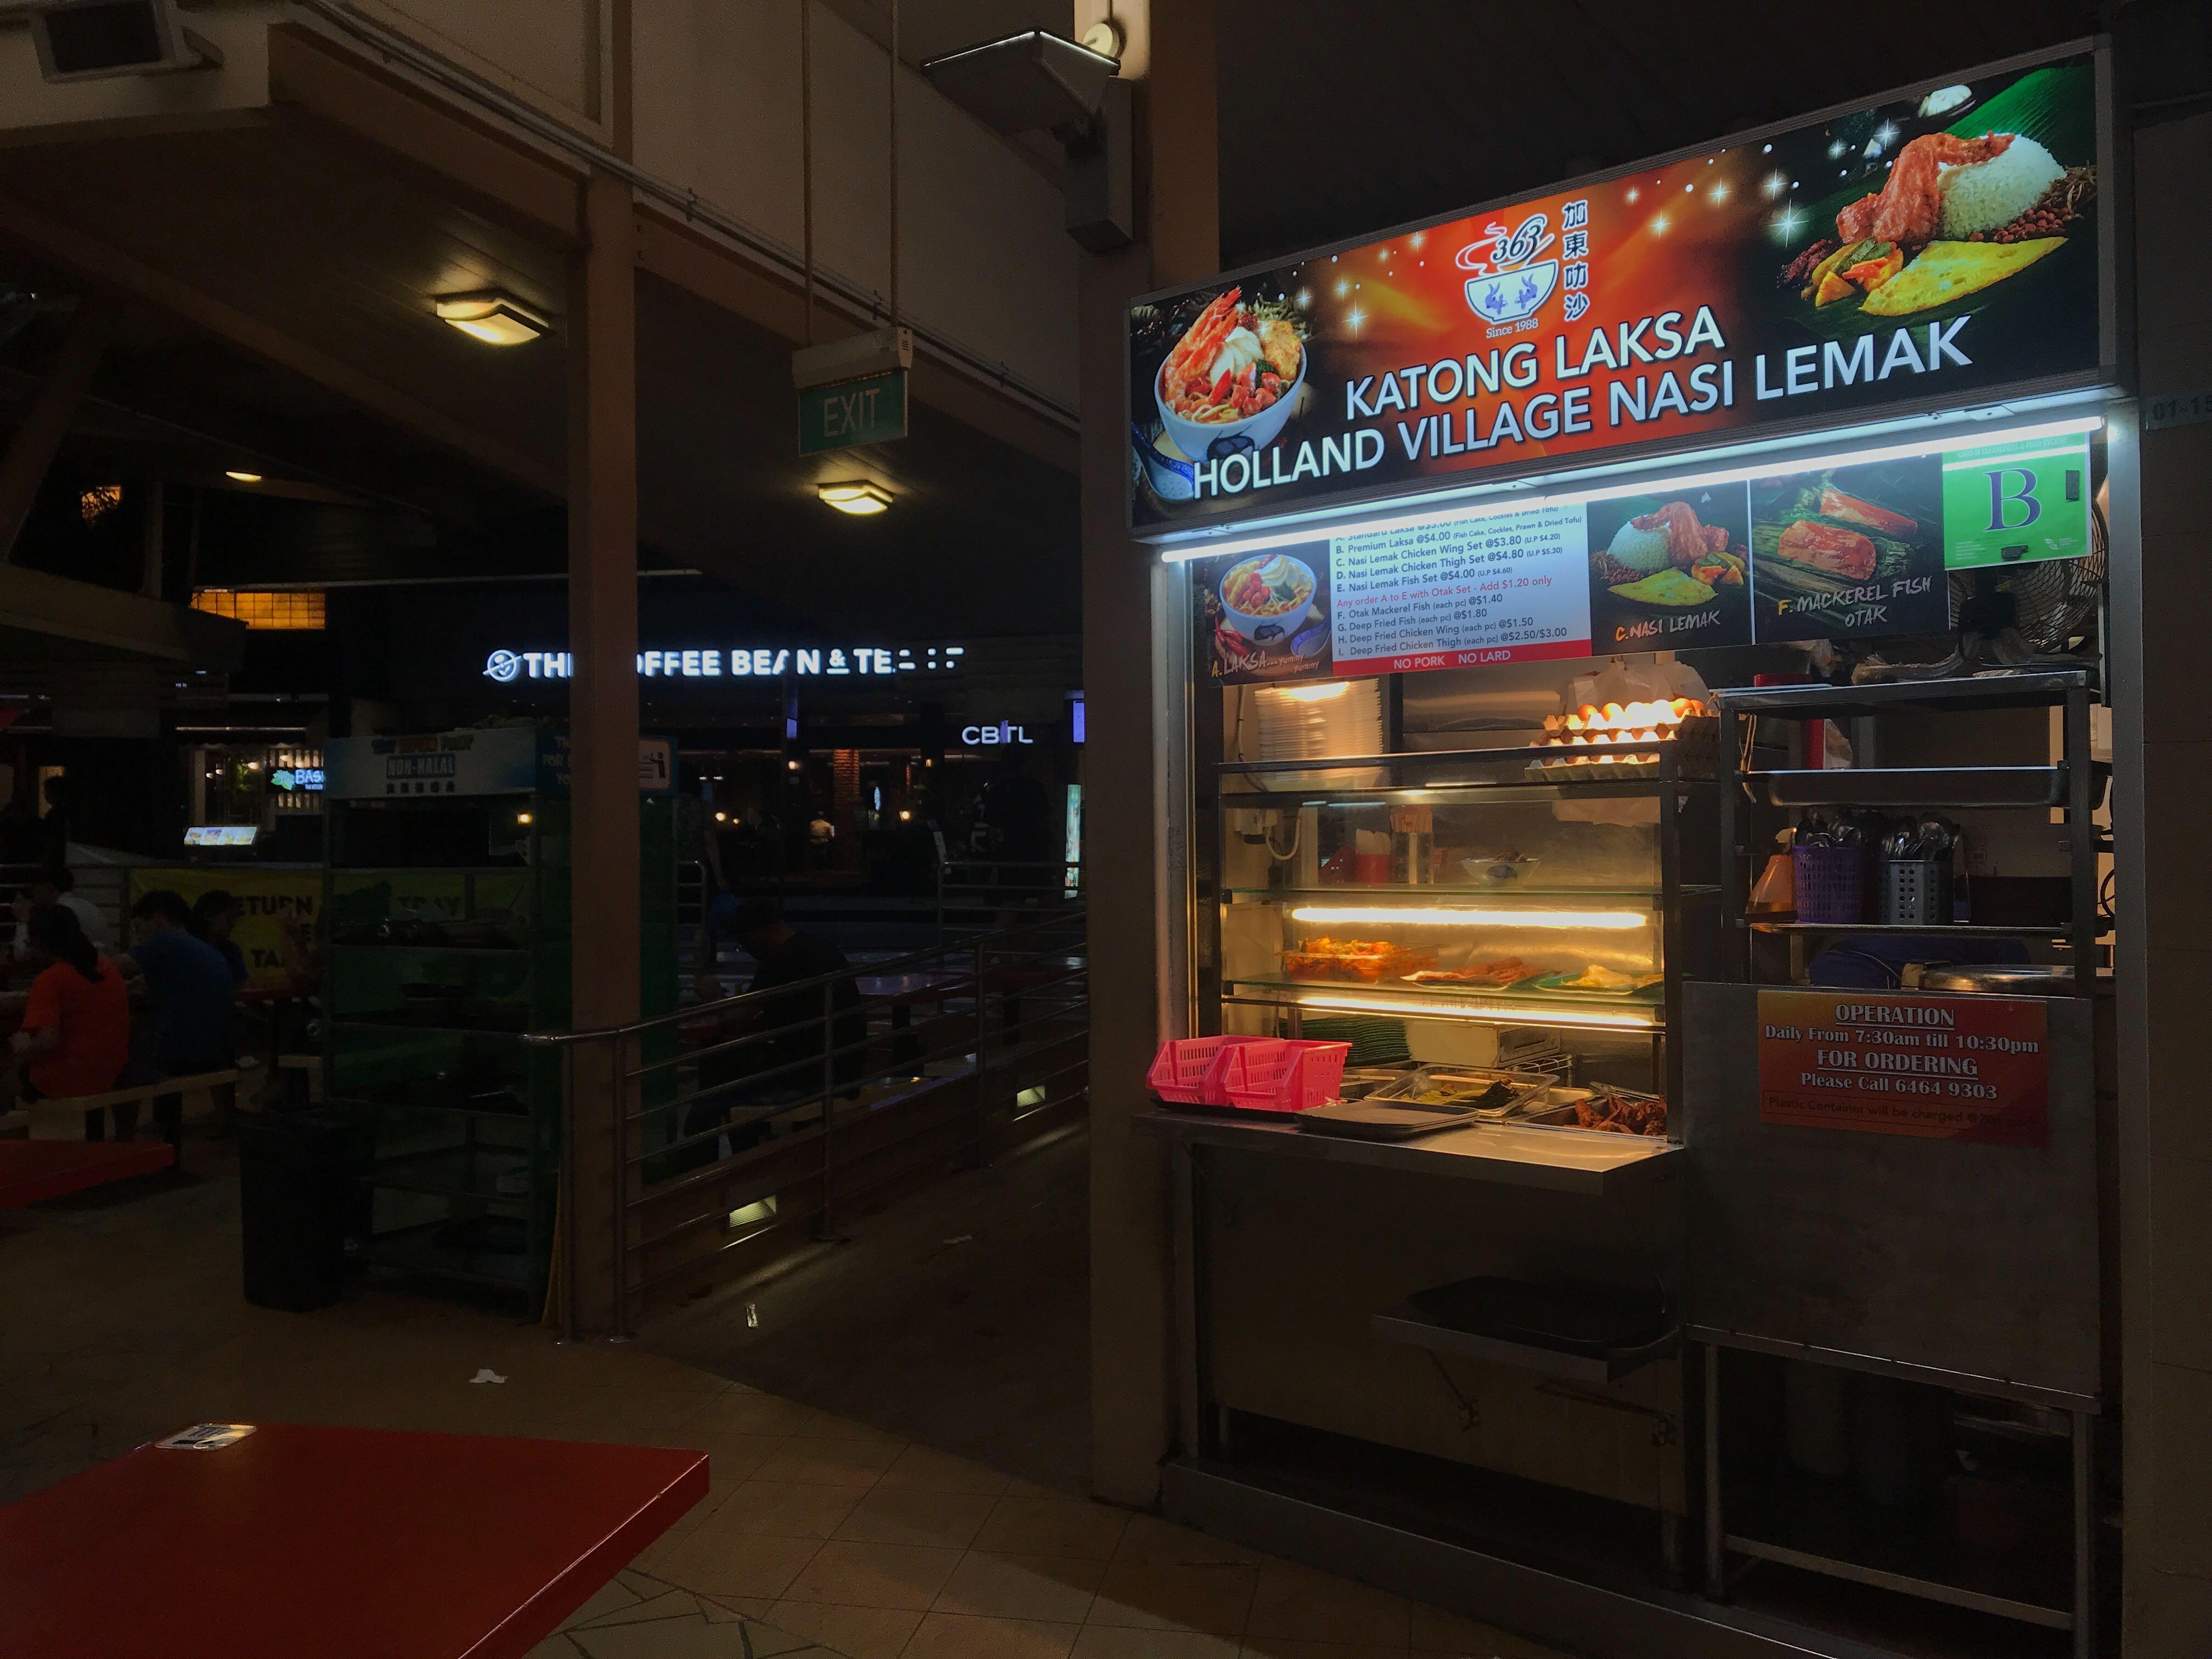 363 Laksa sells Katong Laksa and Holland Village Nasi Lemak.